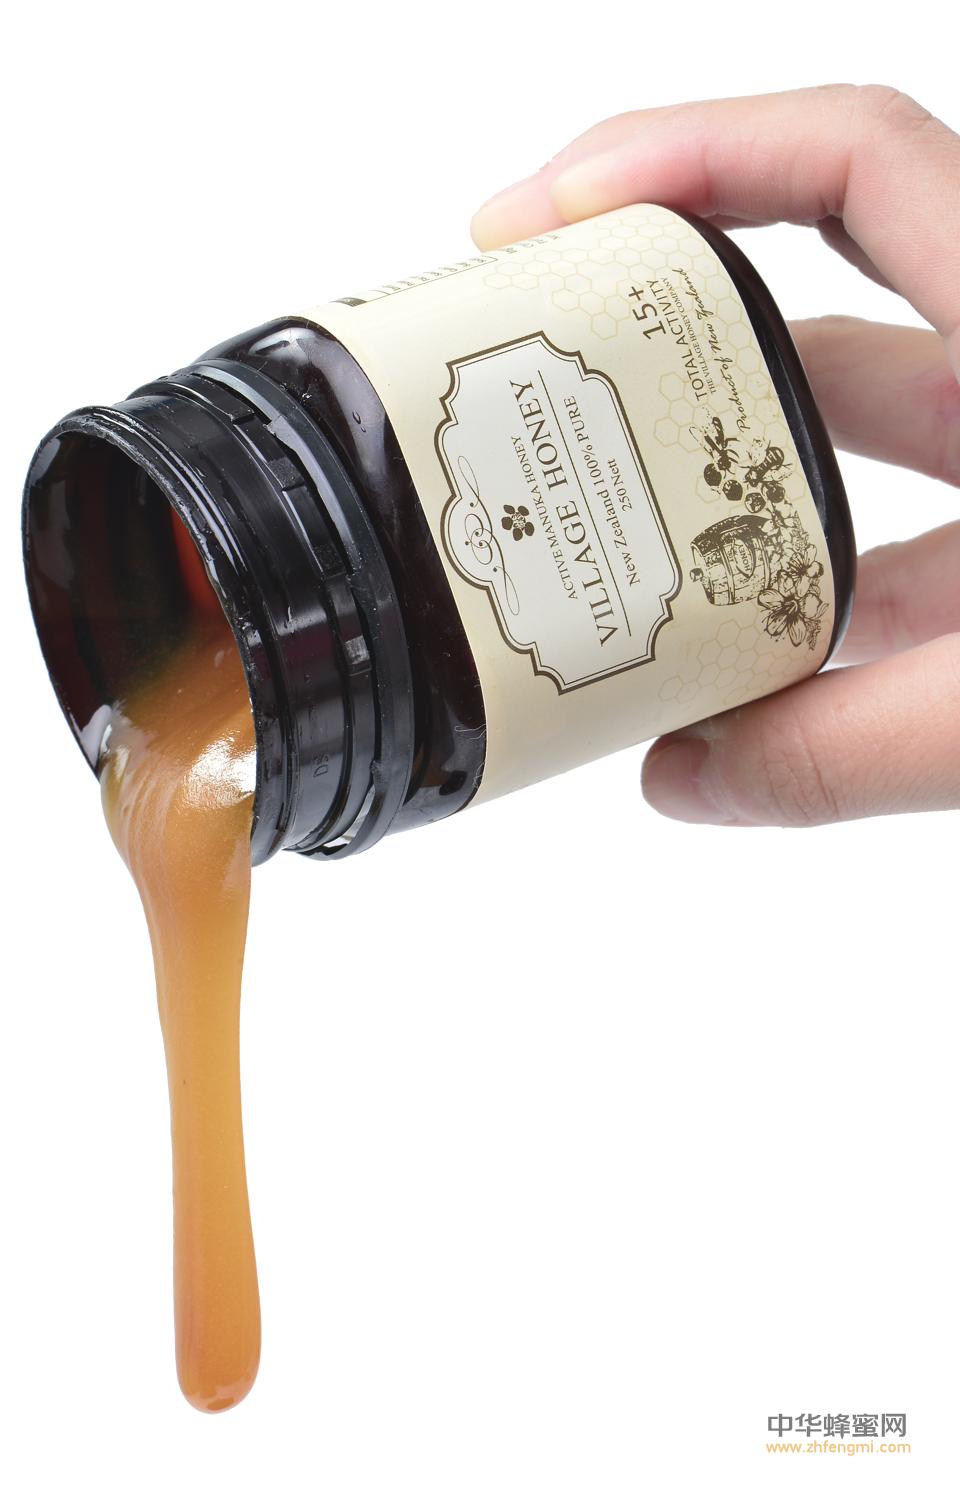 蜂蜜  蜂蜜进口 等级标准 麦卢卡 蜂产品 蜂蜜出口 蜂蜜新闻